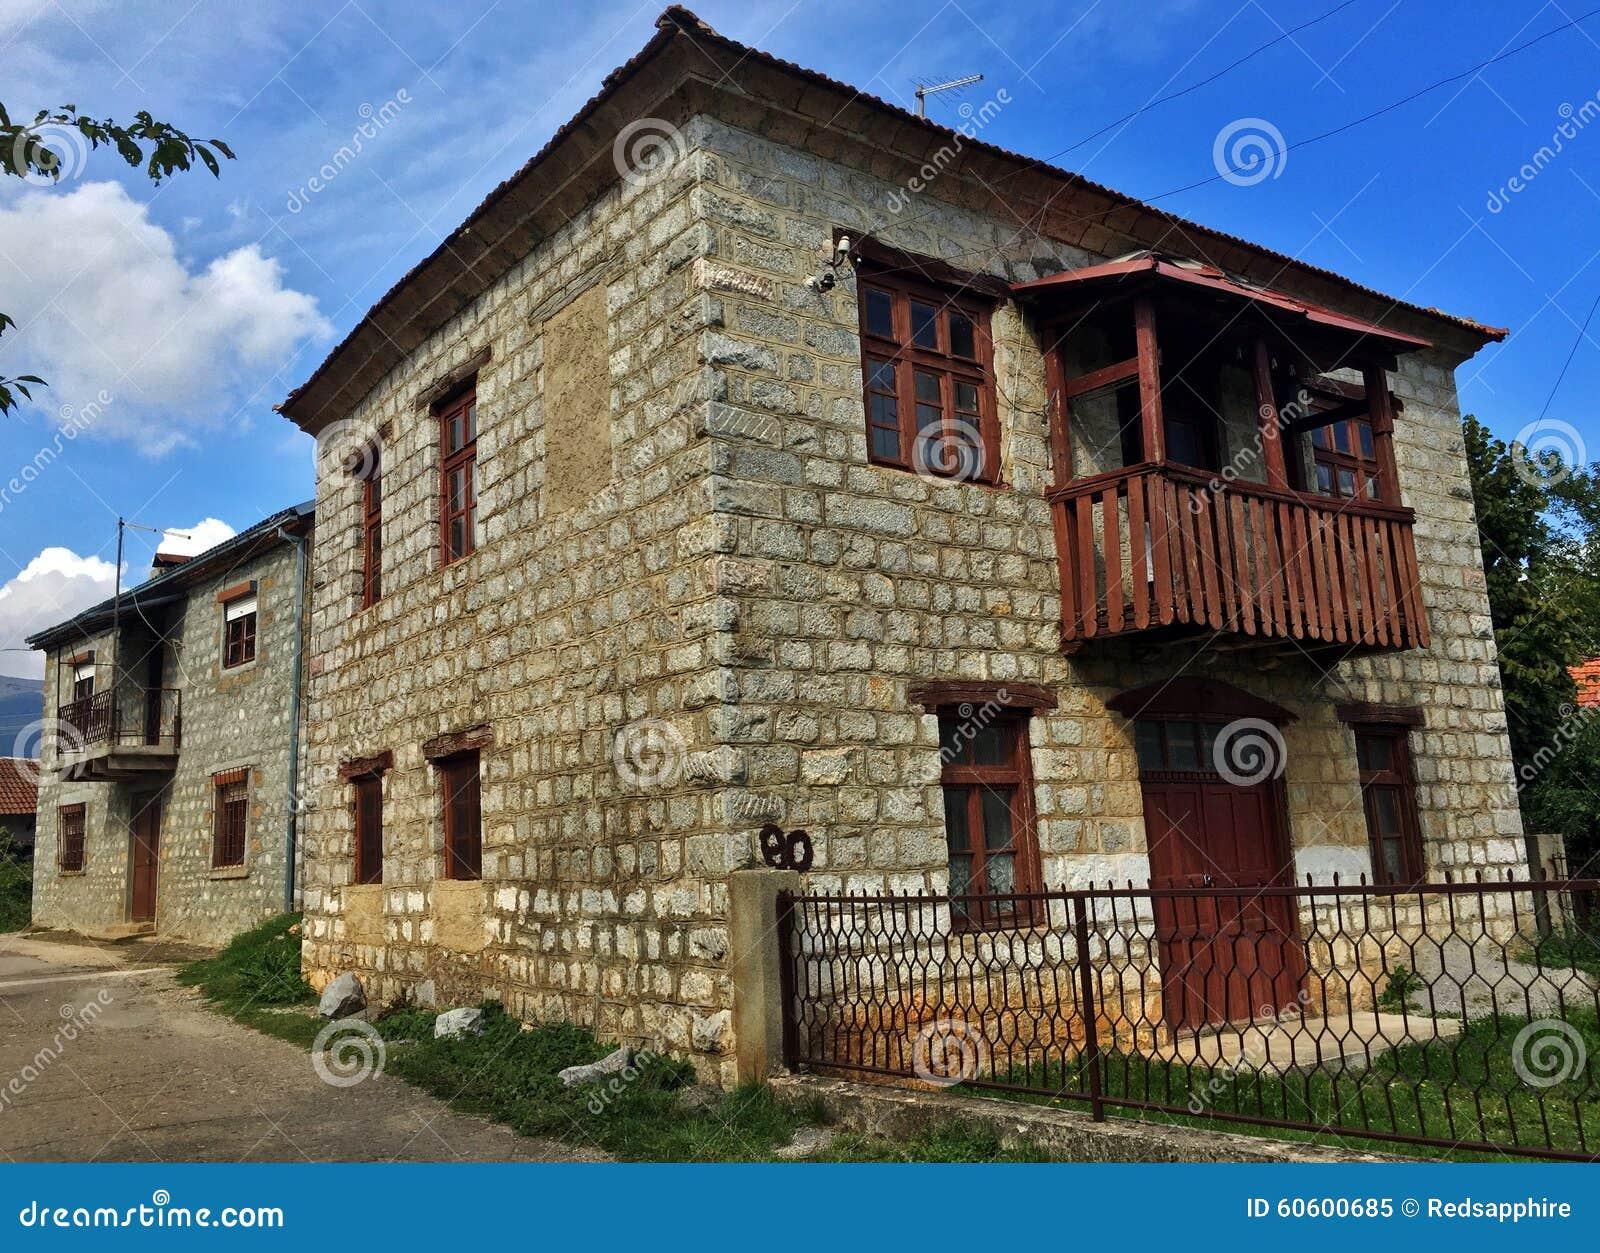 Oud huis stock afbeelding afbeelding bestaande uit architectuur 60600685 - Lay outs oud huis ...